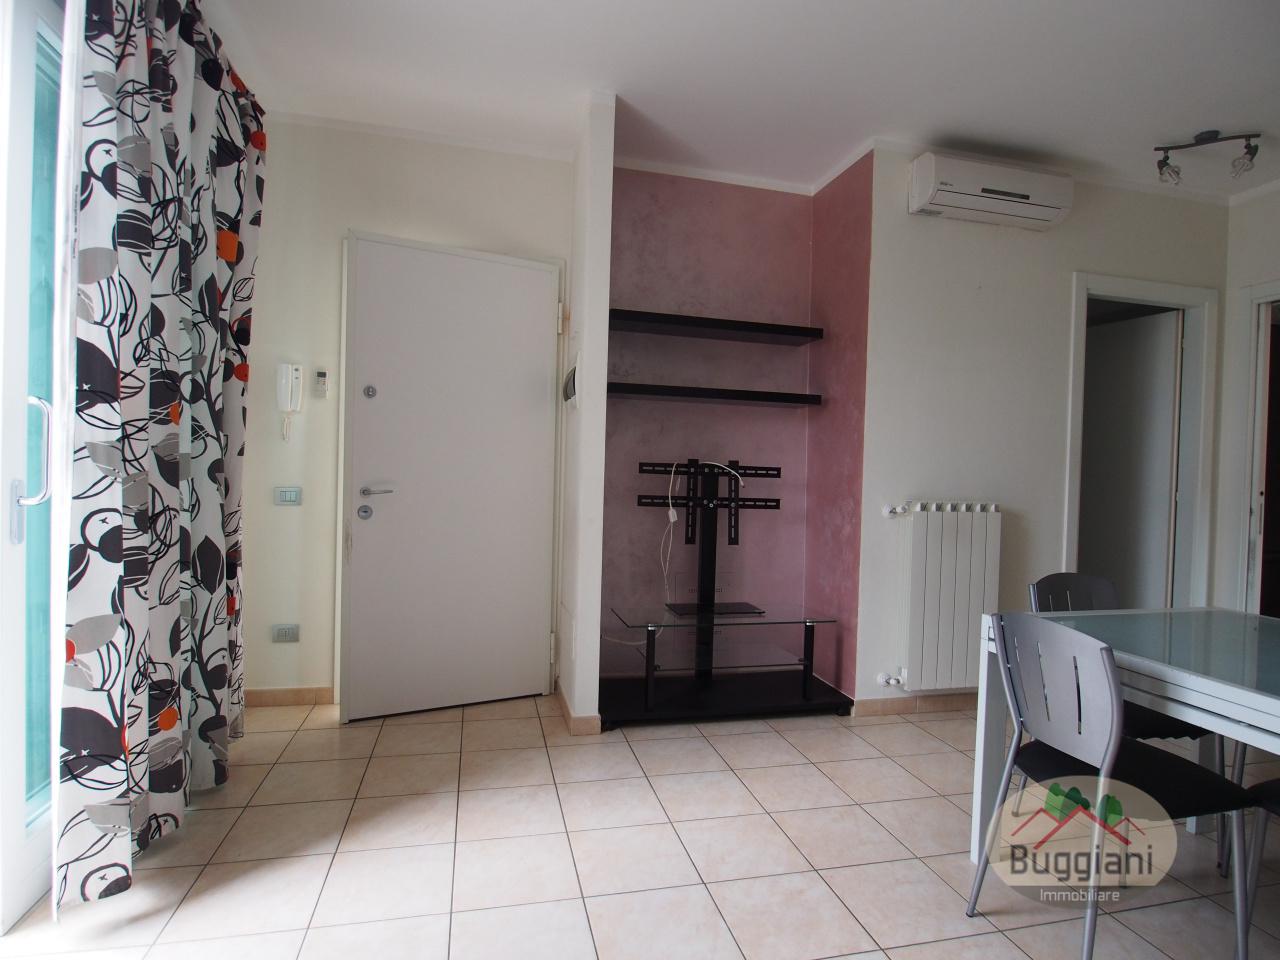 Appartamento in vendita RIF. 1748, San Miniato (PI)